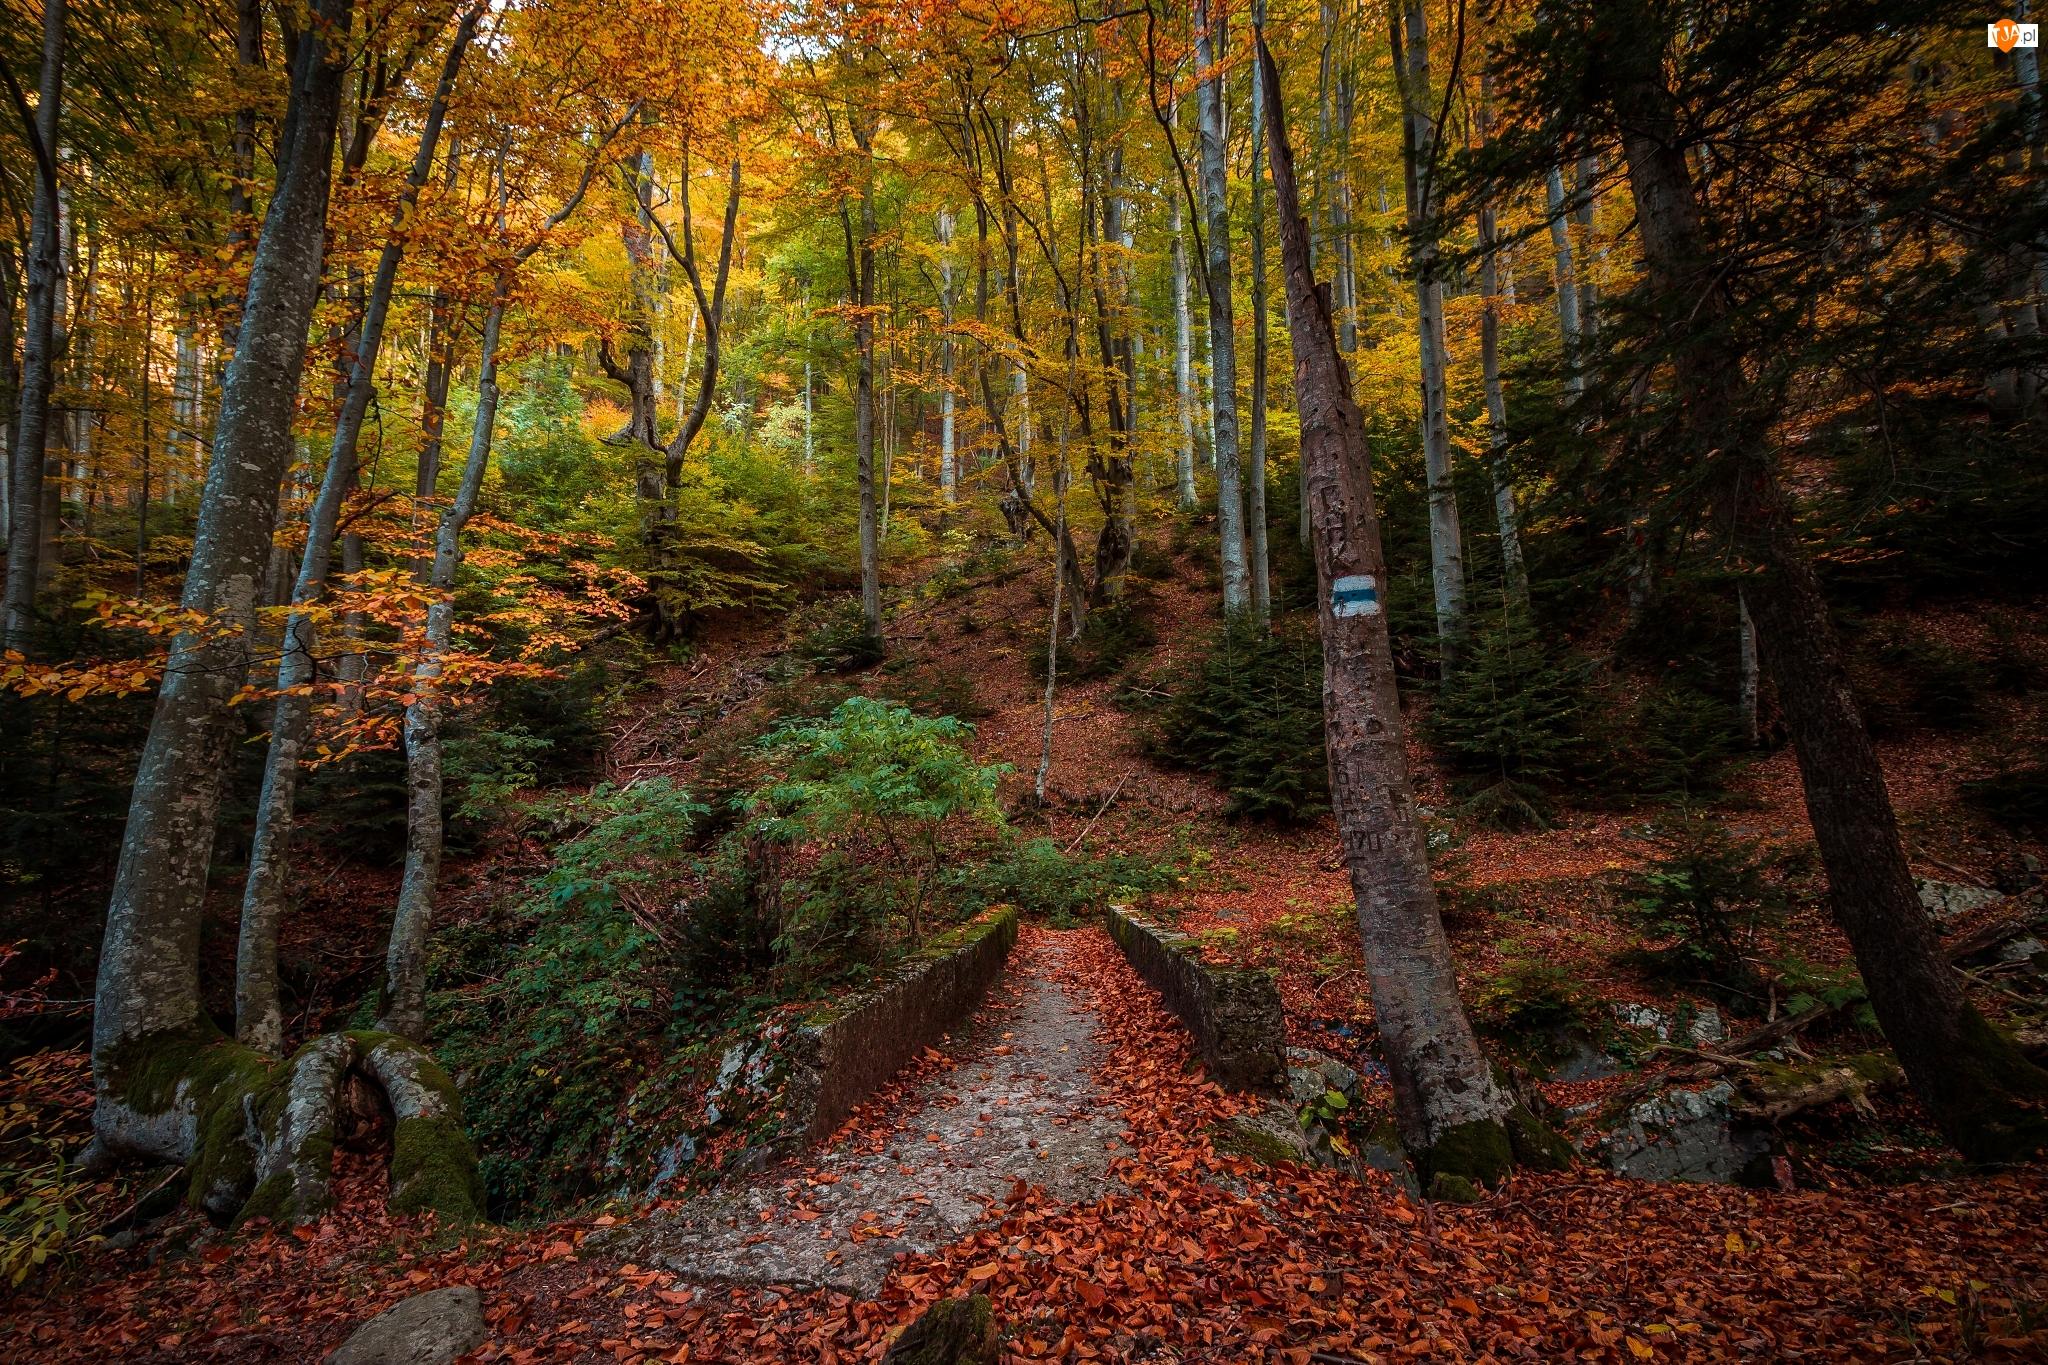 Drzewa, Las, Szlak, Jesień, Ścieżka, Mostek